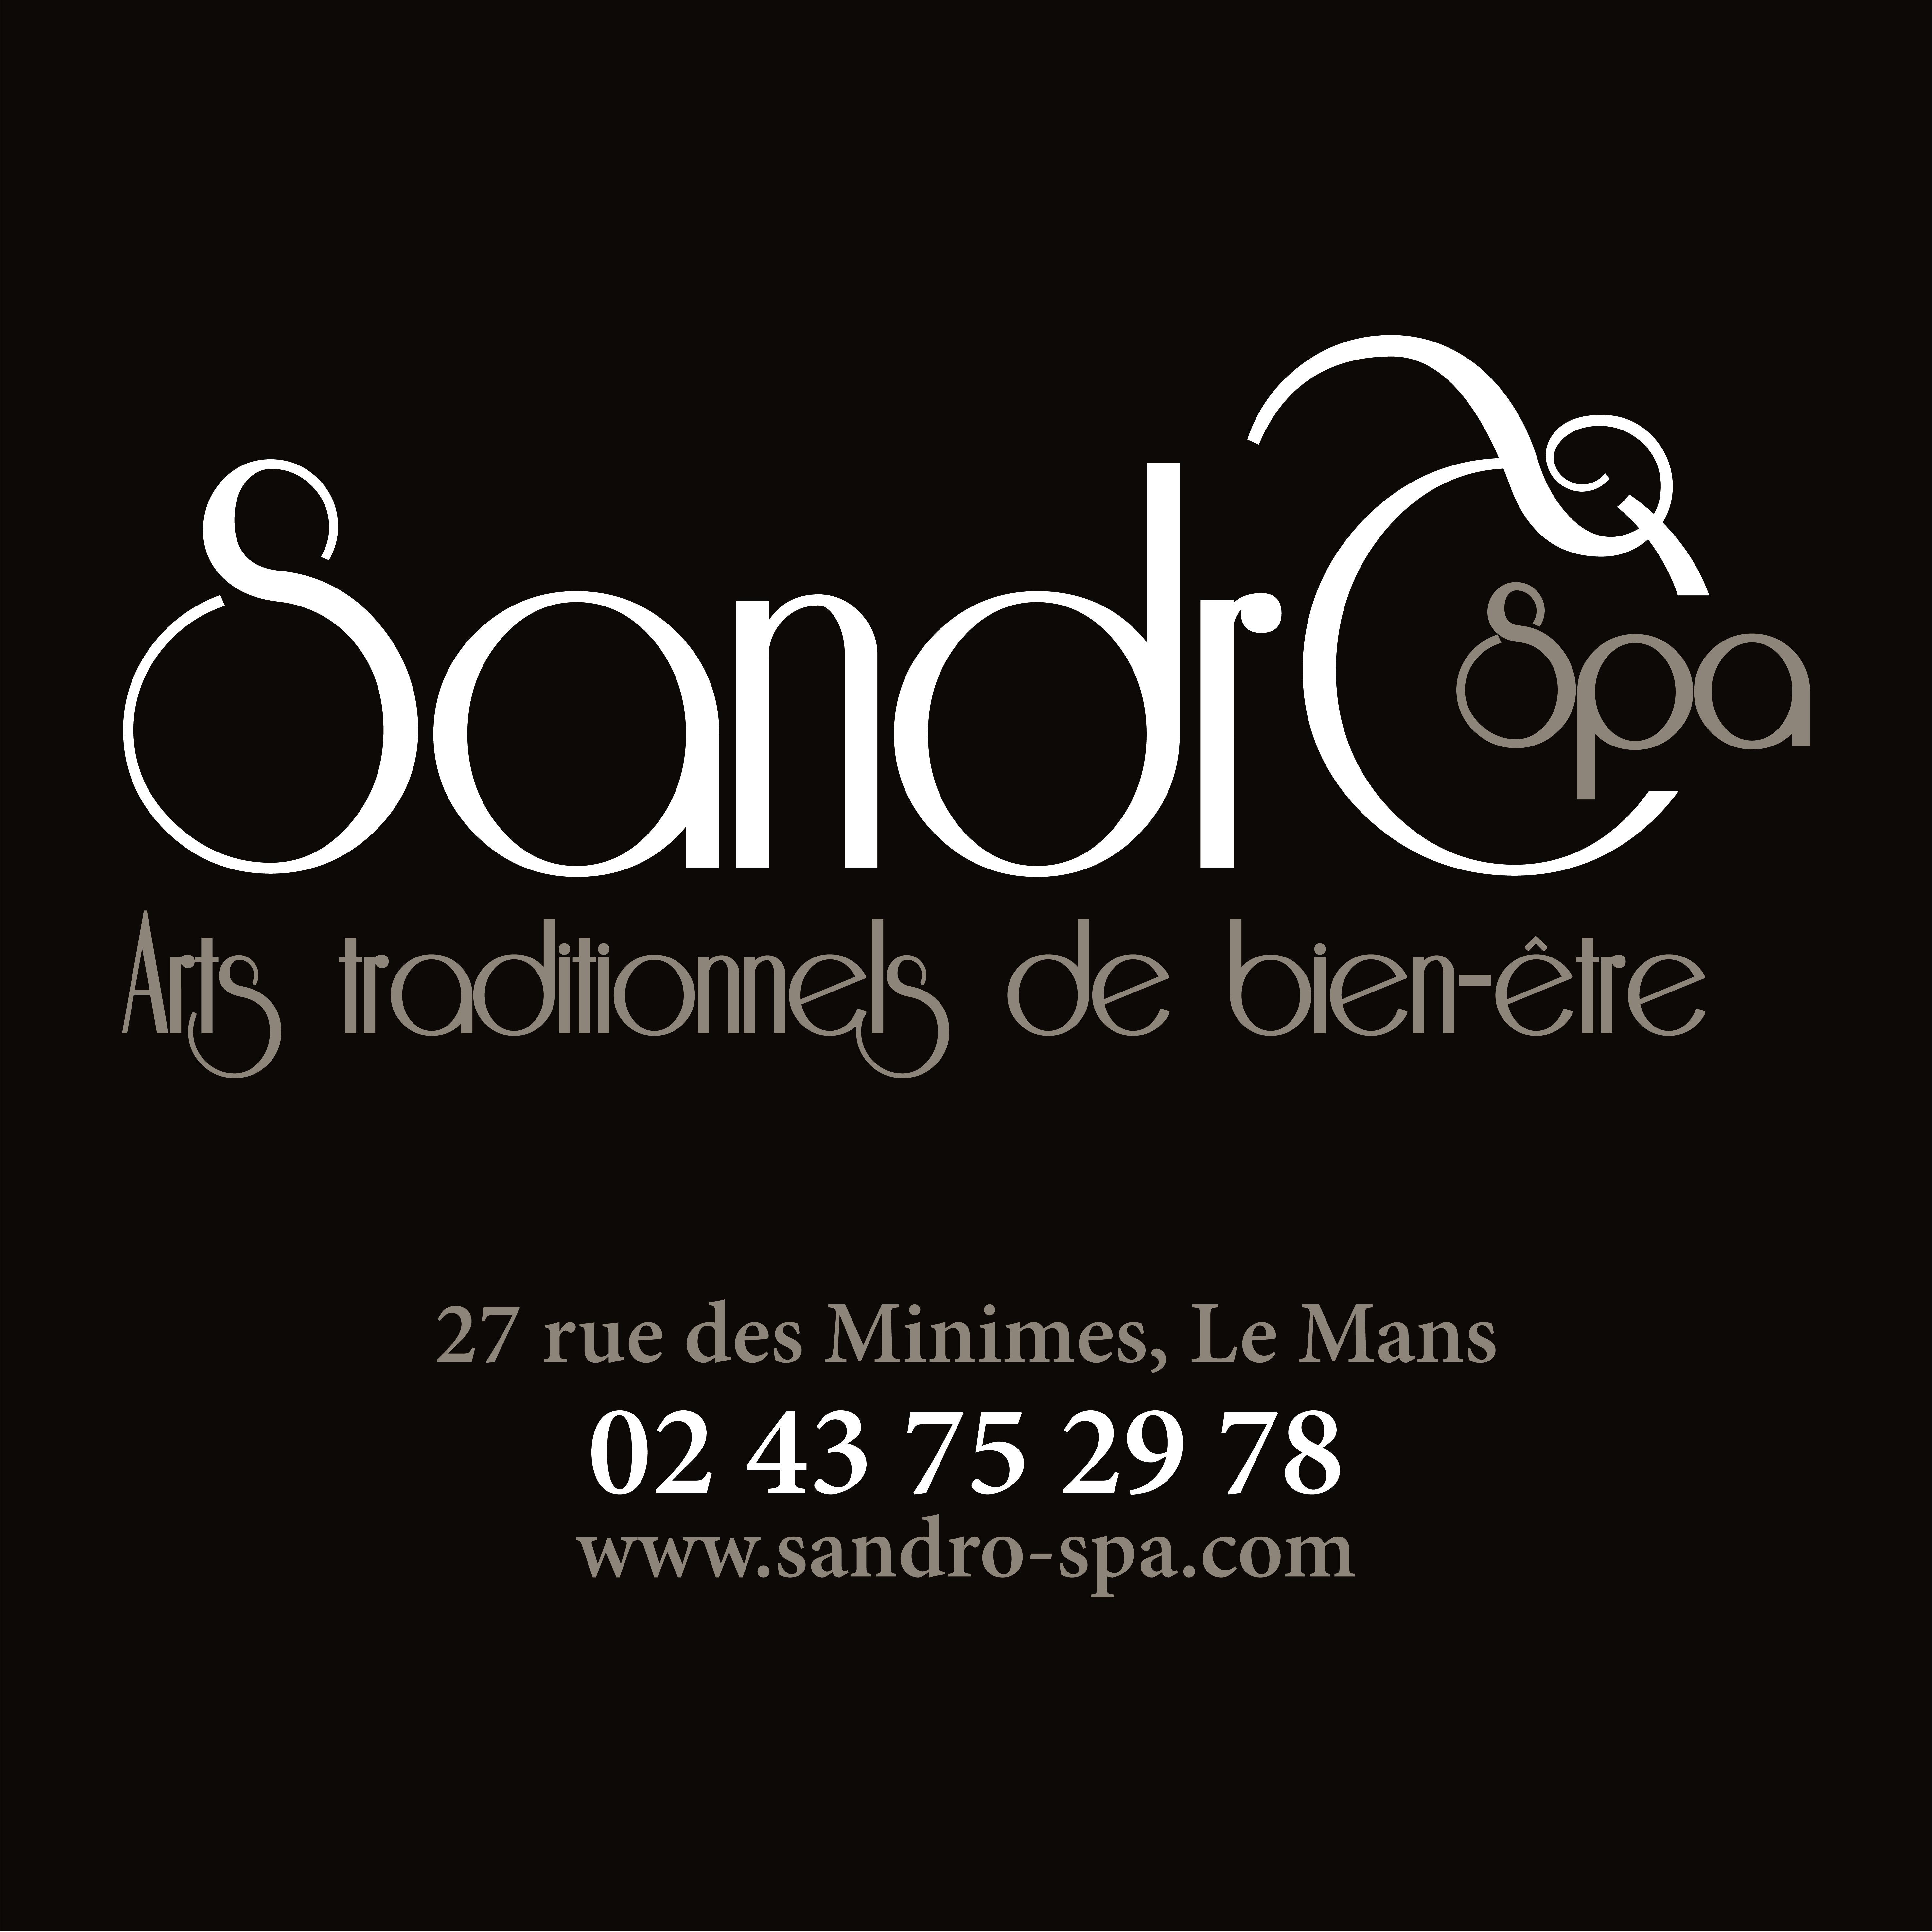 SandrO Spa